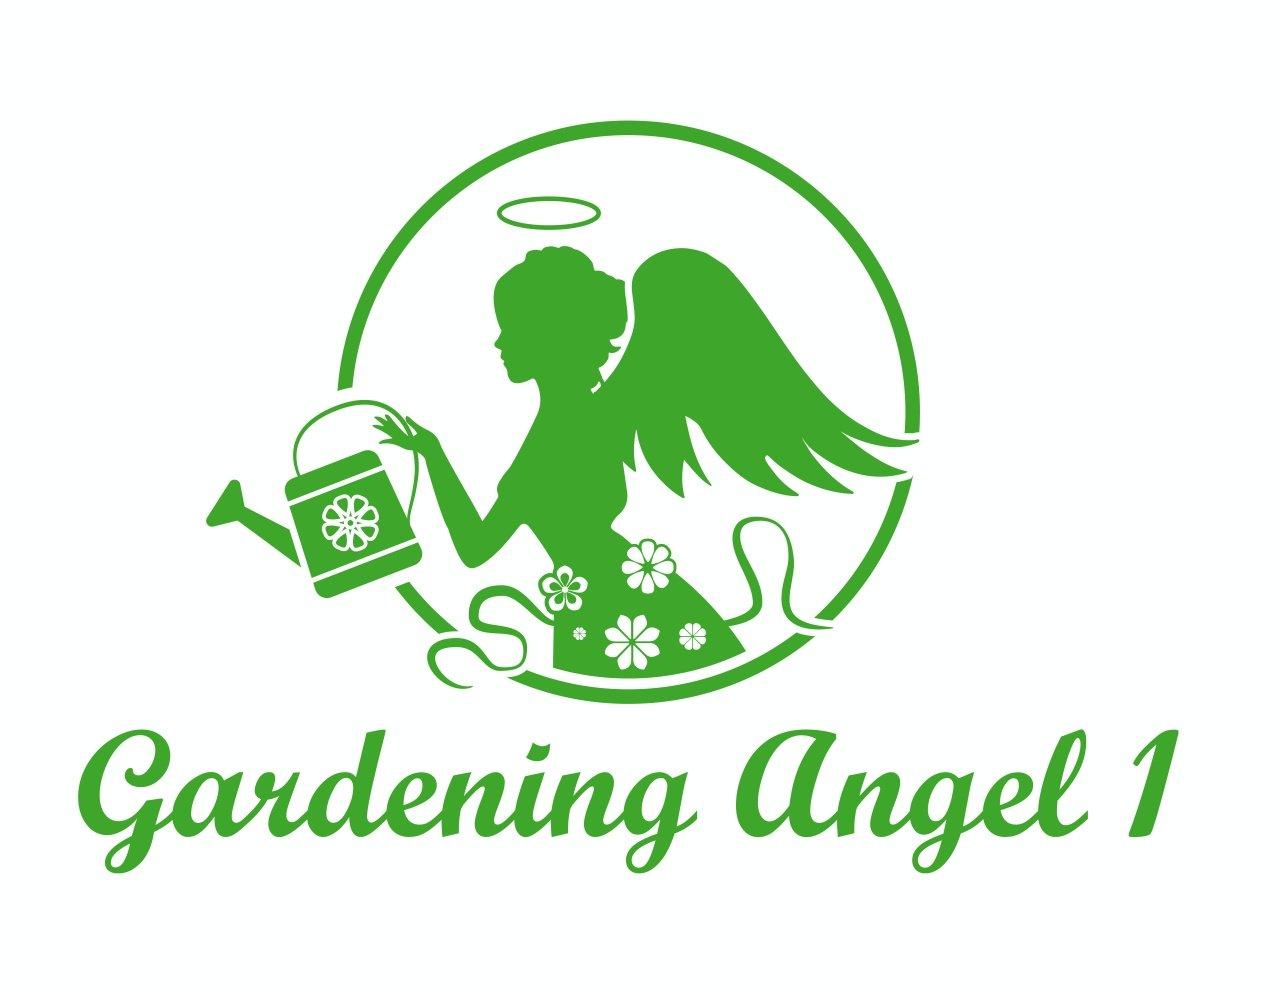 Logo for Gardening Angel 1